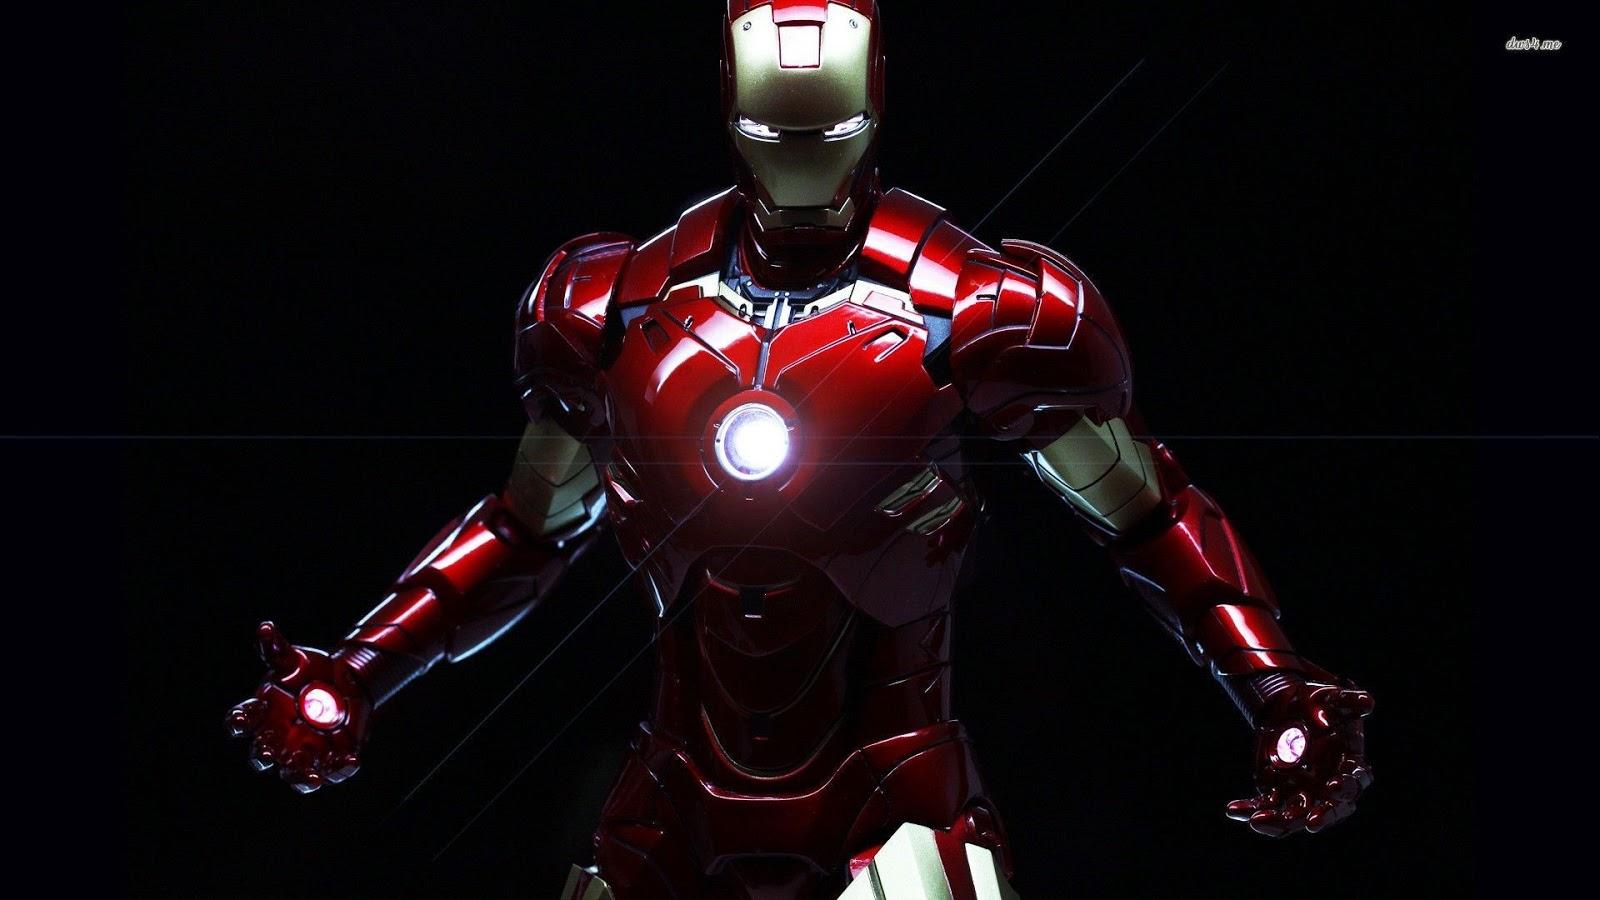 Hinh Nền May Tinh Iron Man 2k 4k 3d